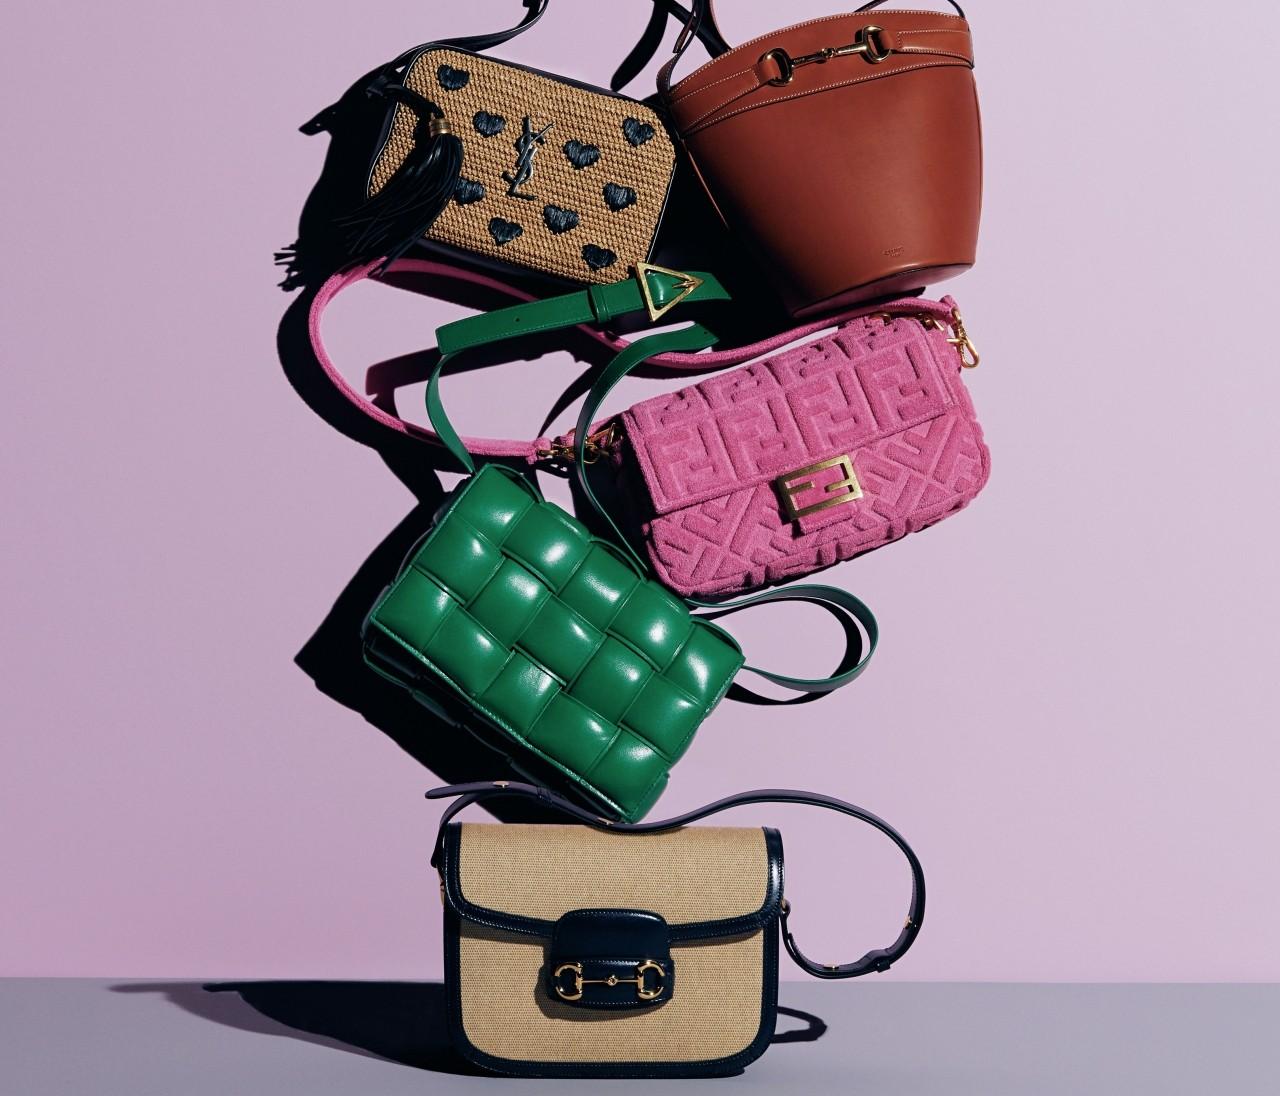 【憧れブランドの春新作バッグ22選】新しい季節のおしゃれはバッグから